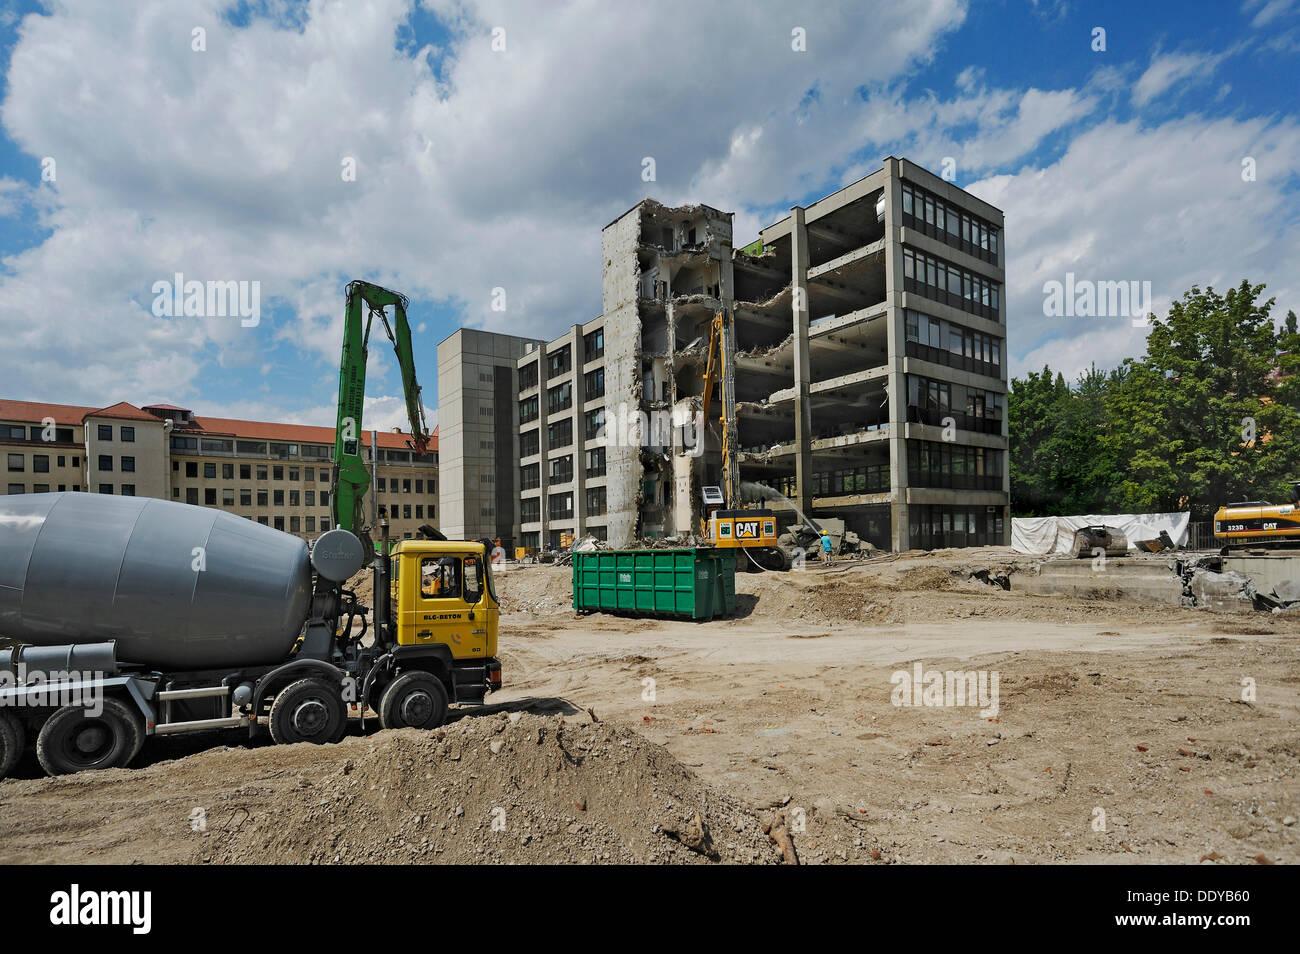 Demolition of housing blocks in Isartalstrasse, Munich, Bavaria, PublicGround - Stock Image